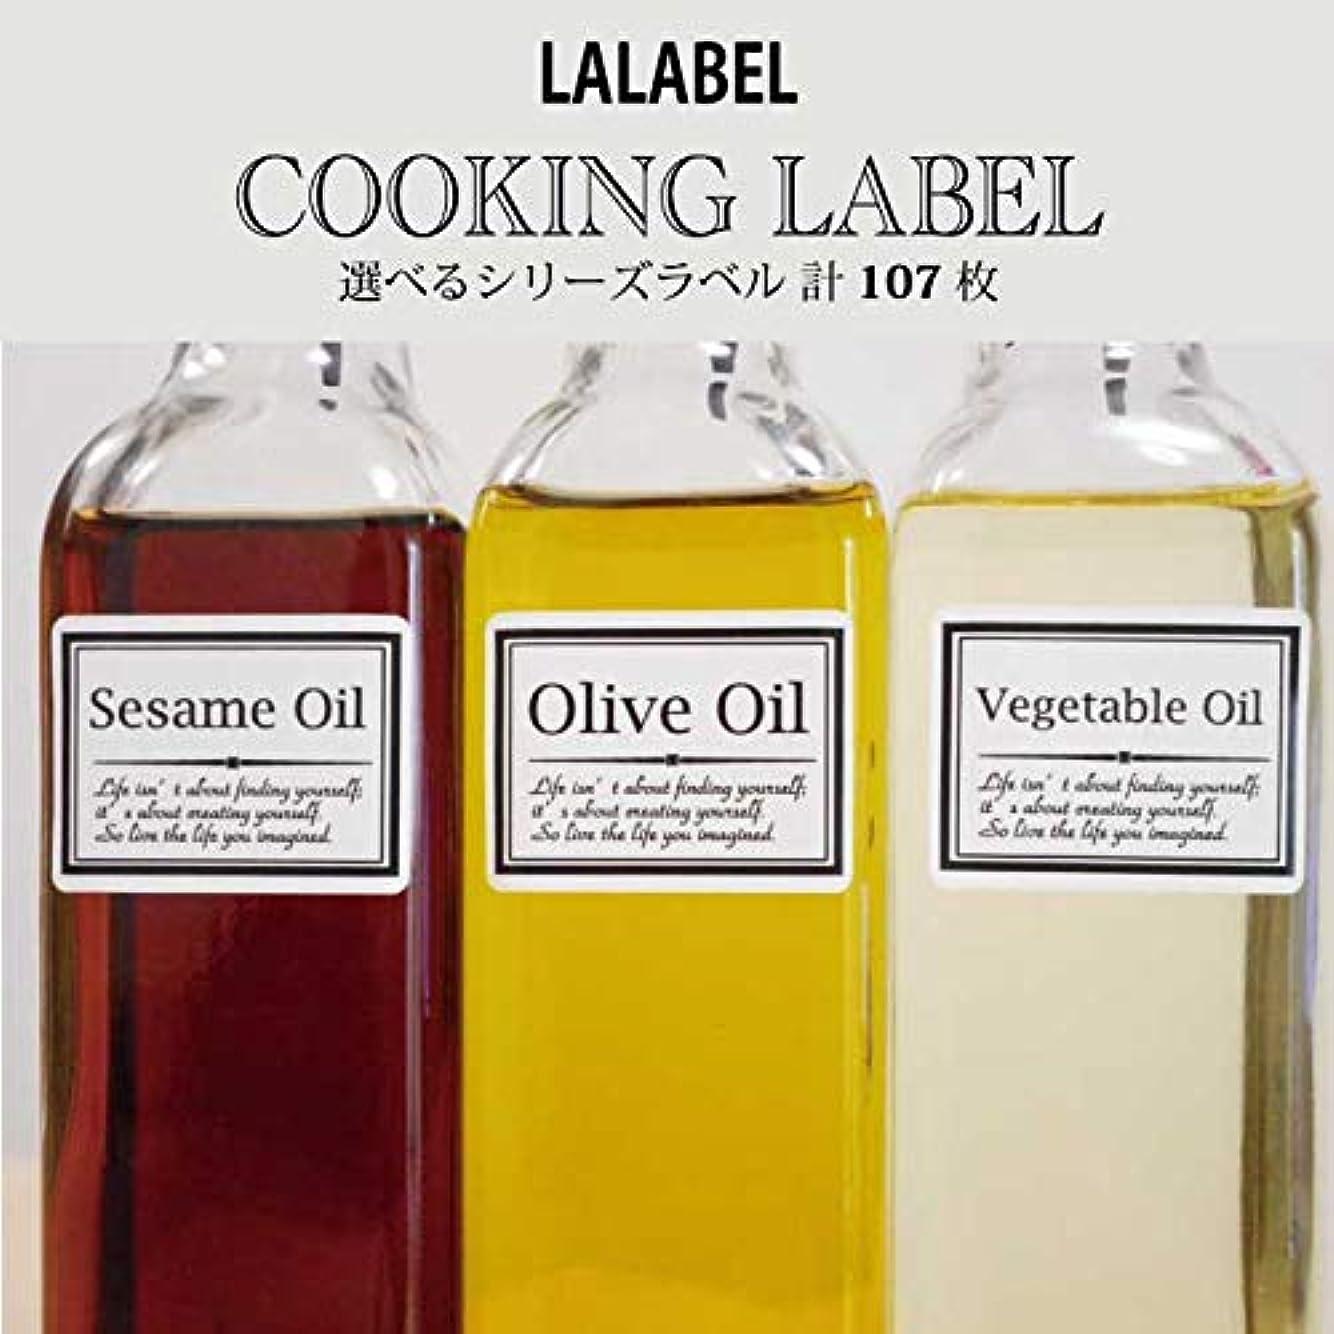 外交問題統治する組み込むLalabel 詰め替え容器用 基本調味料ラベル クラシカルデザイン15枚